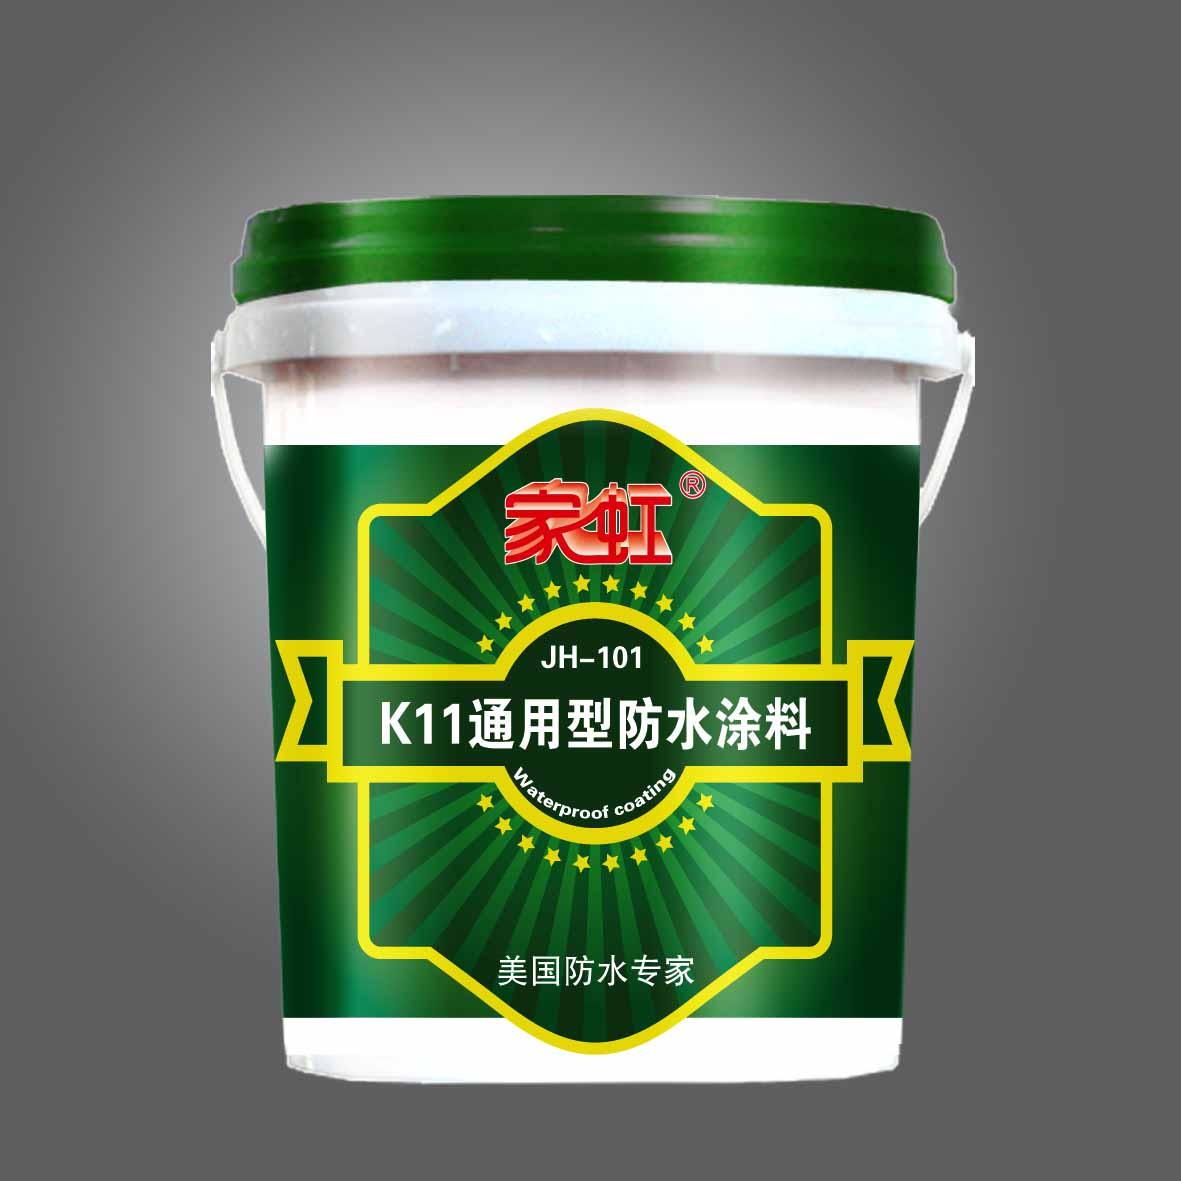 防水工程专业K11通用型防水涂料详细说明